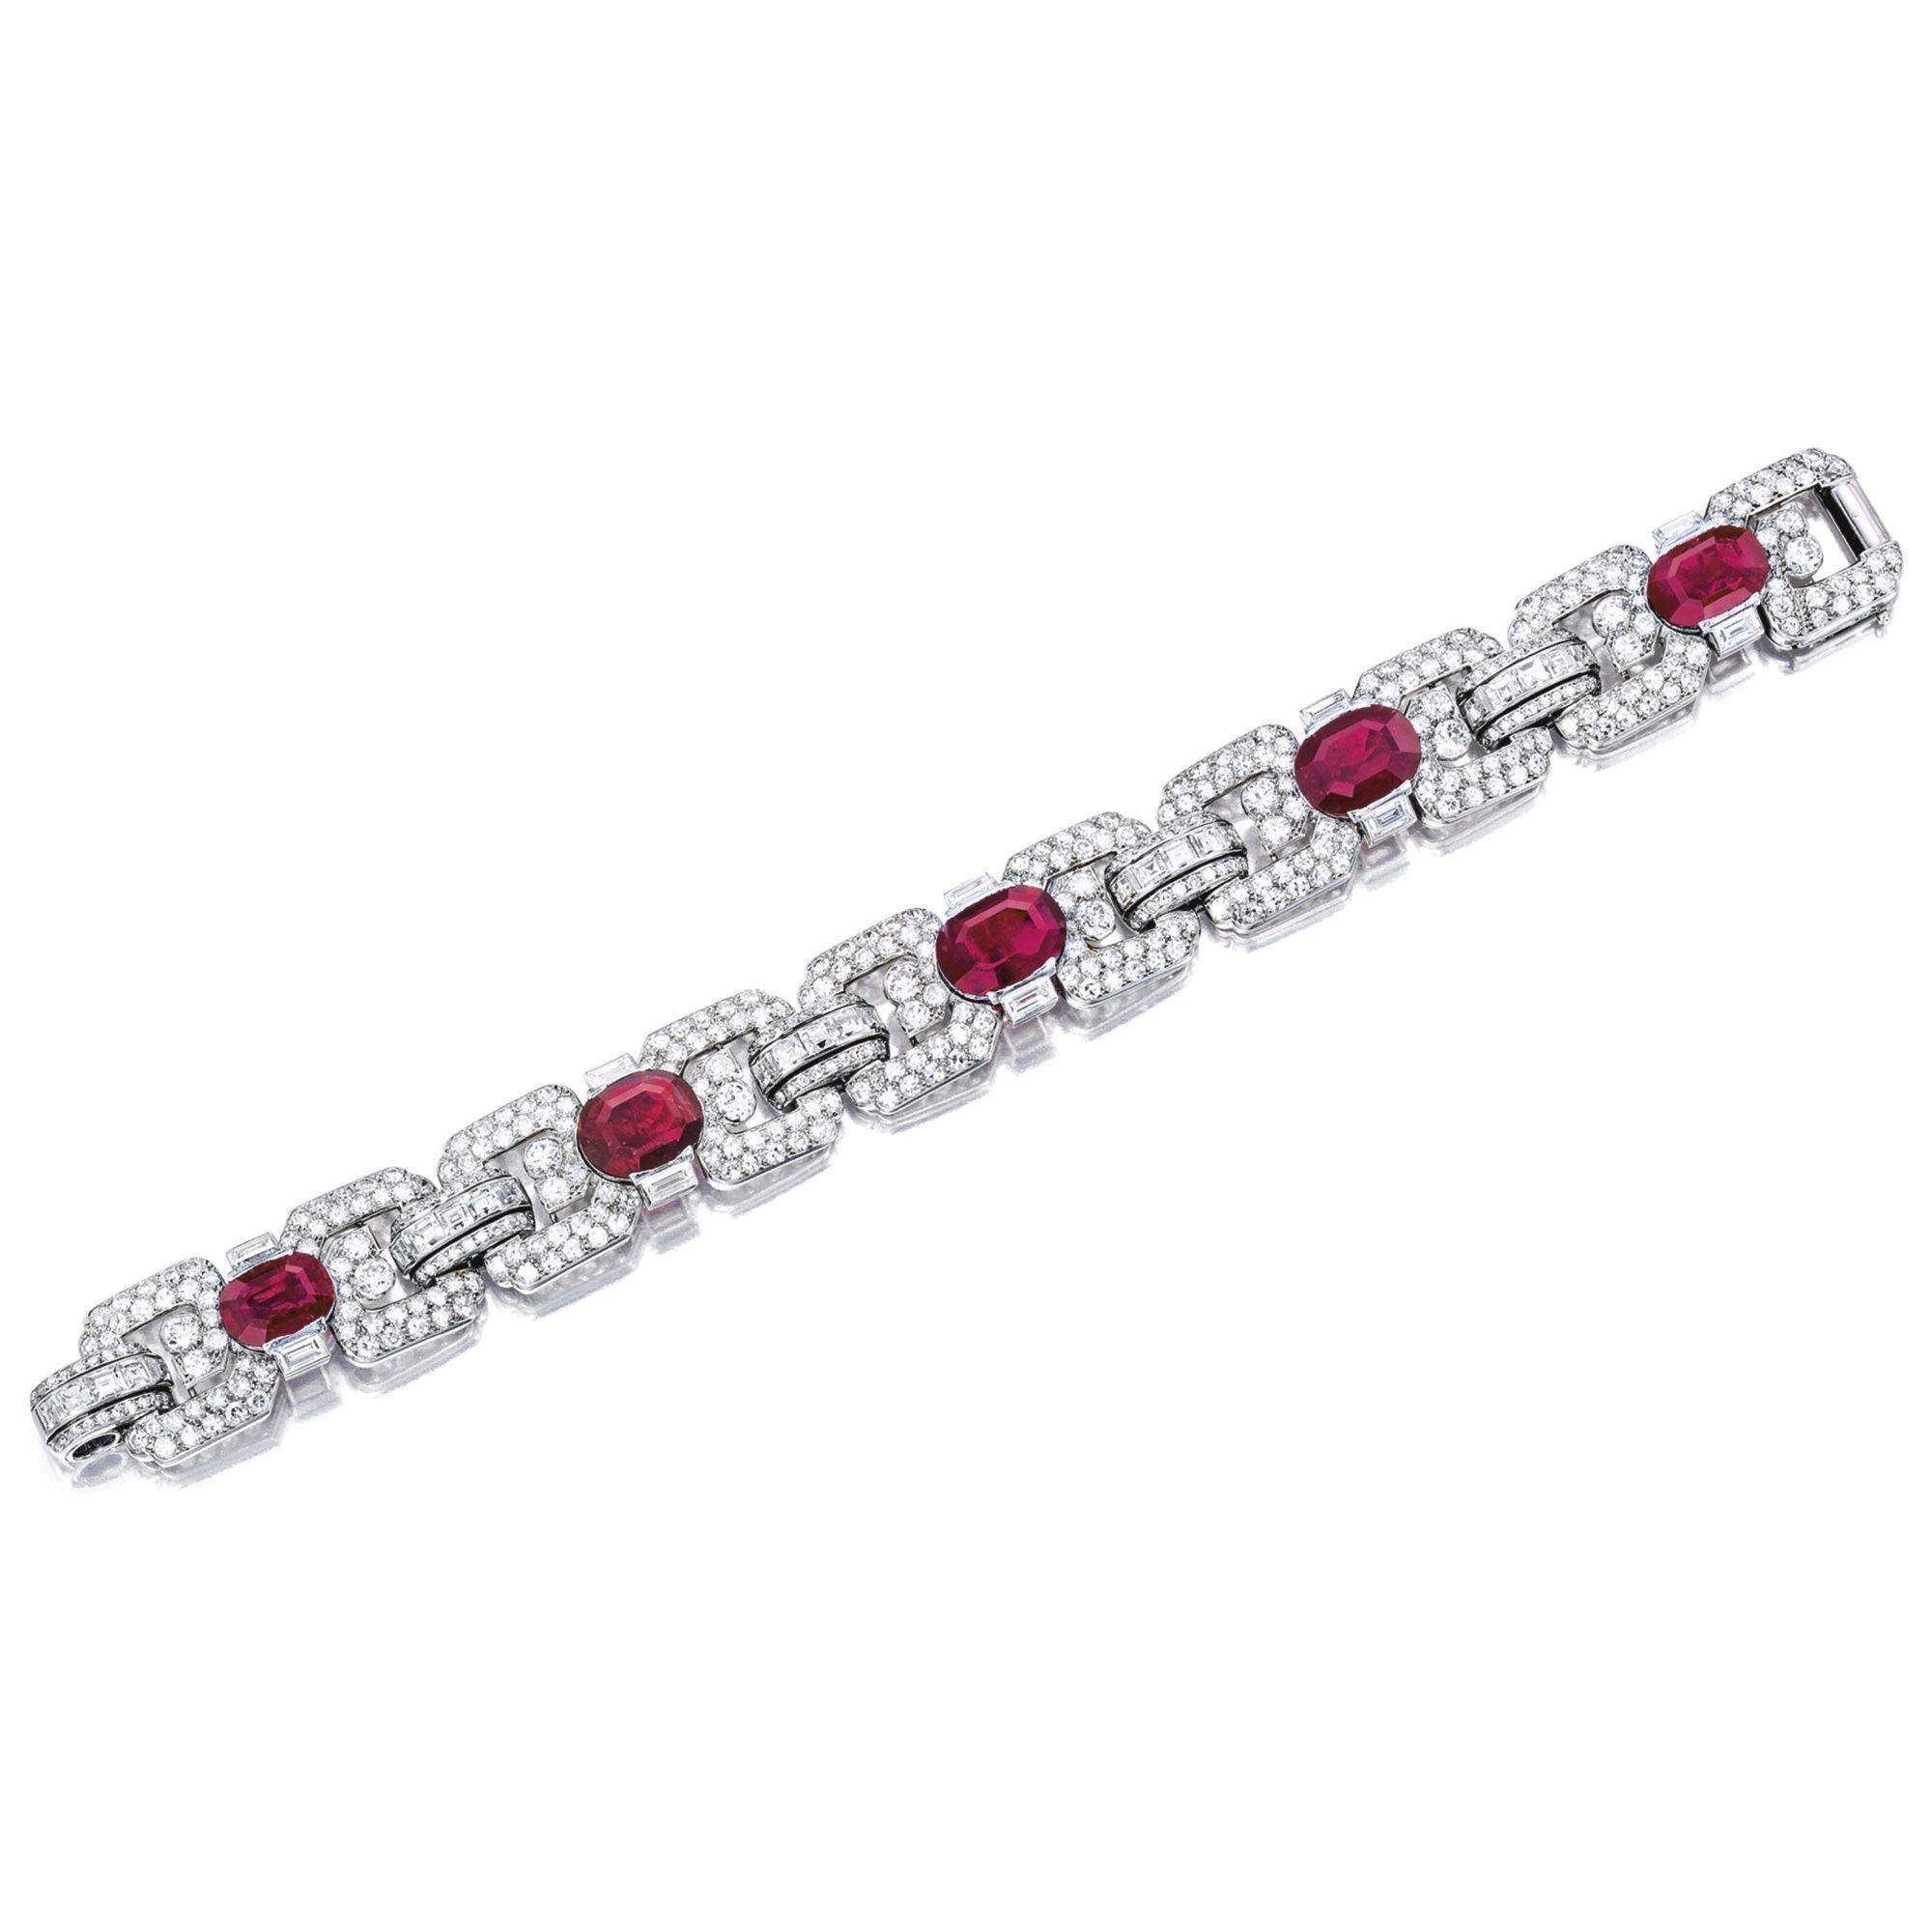 f940c24663bec Important Art Deco Ruby and Diamond Bracelet, Cartier, Paris ...